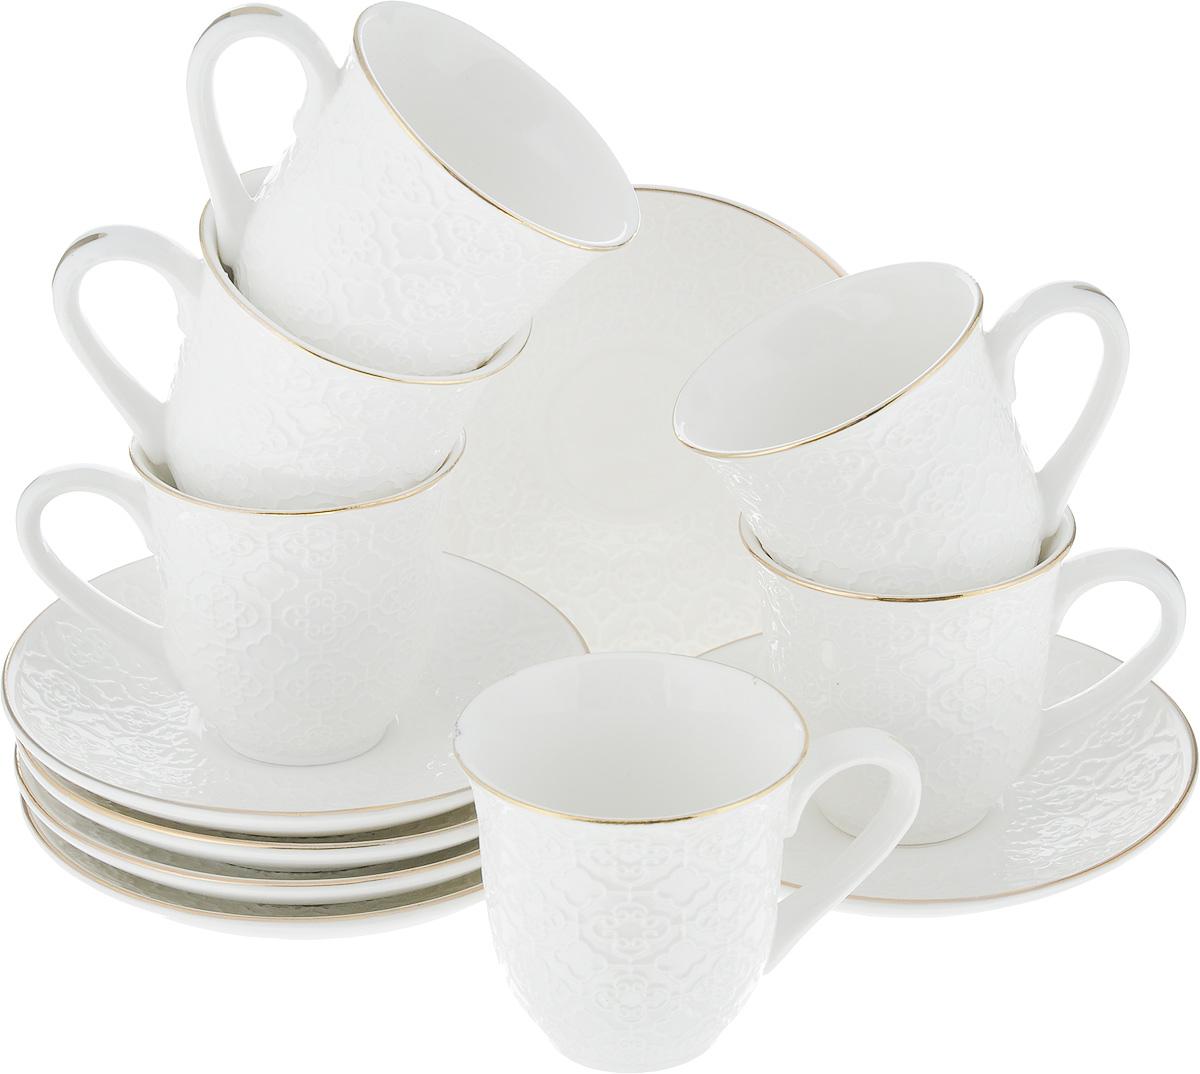 Набор кофейный Loraine, 12 предметов. 257692012243UКофейный набор Loraine состоит из 6 чашек и 6 блюдец. Изделия выполнены из высококачественного костяного фарфора и оформлены золотистой каймой. Такой набор станет прекрасным украшением стола и порадует гостей изысканным дизайном и утонченностью. Набор упакован в подарочную коробку, задрапированную внутри белой атласной тканью. Каждый предмет надежно зафиксирован внутри коробки. Кофейный набор Loraine идеально впишется в любой интерьер, а также станет идеальным подарком для ваших родных и близких. Объем чашки: 90 мл. Диаметр чашки (по верхнему краю): 6,2 см. Высота чашки: 6 см. Диаметр блюдца (по верхнему краю): 11,2 см. Высота блюдца: 2 см.